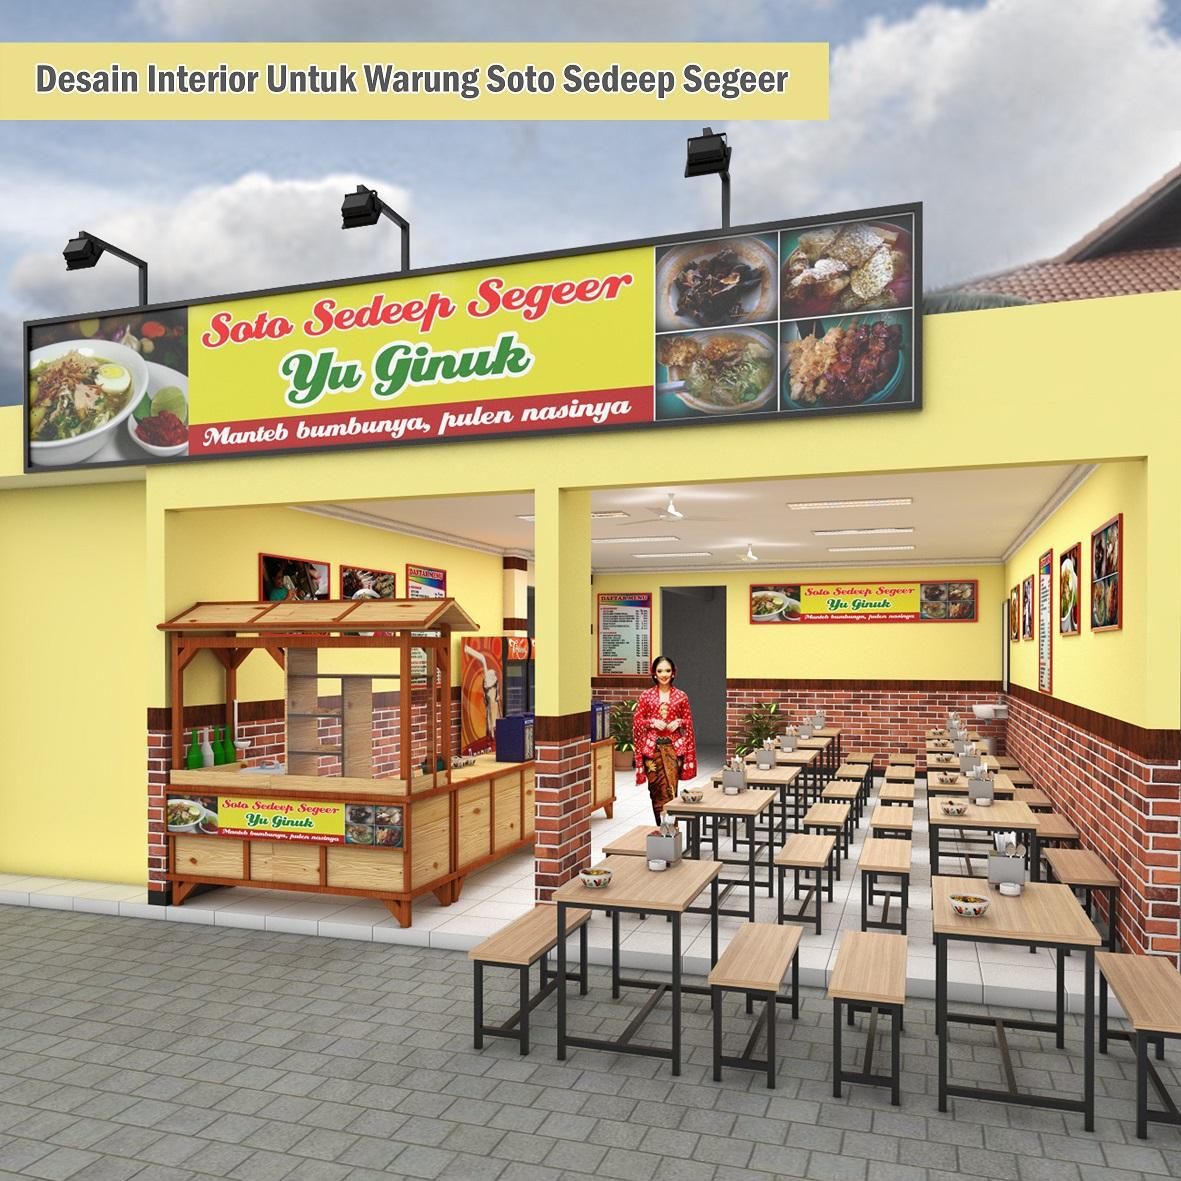 Sribu Desain Booth Desain Interior Untuk Warung Soto Sed